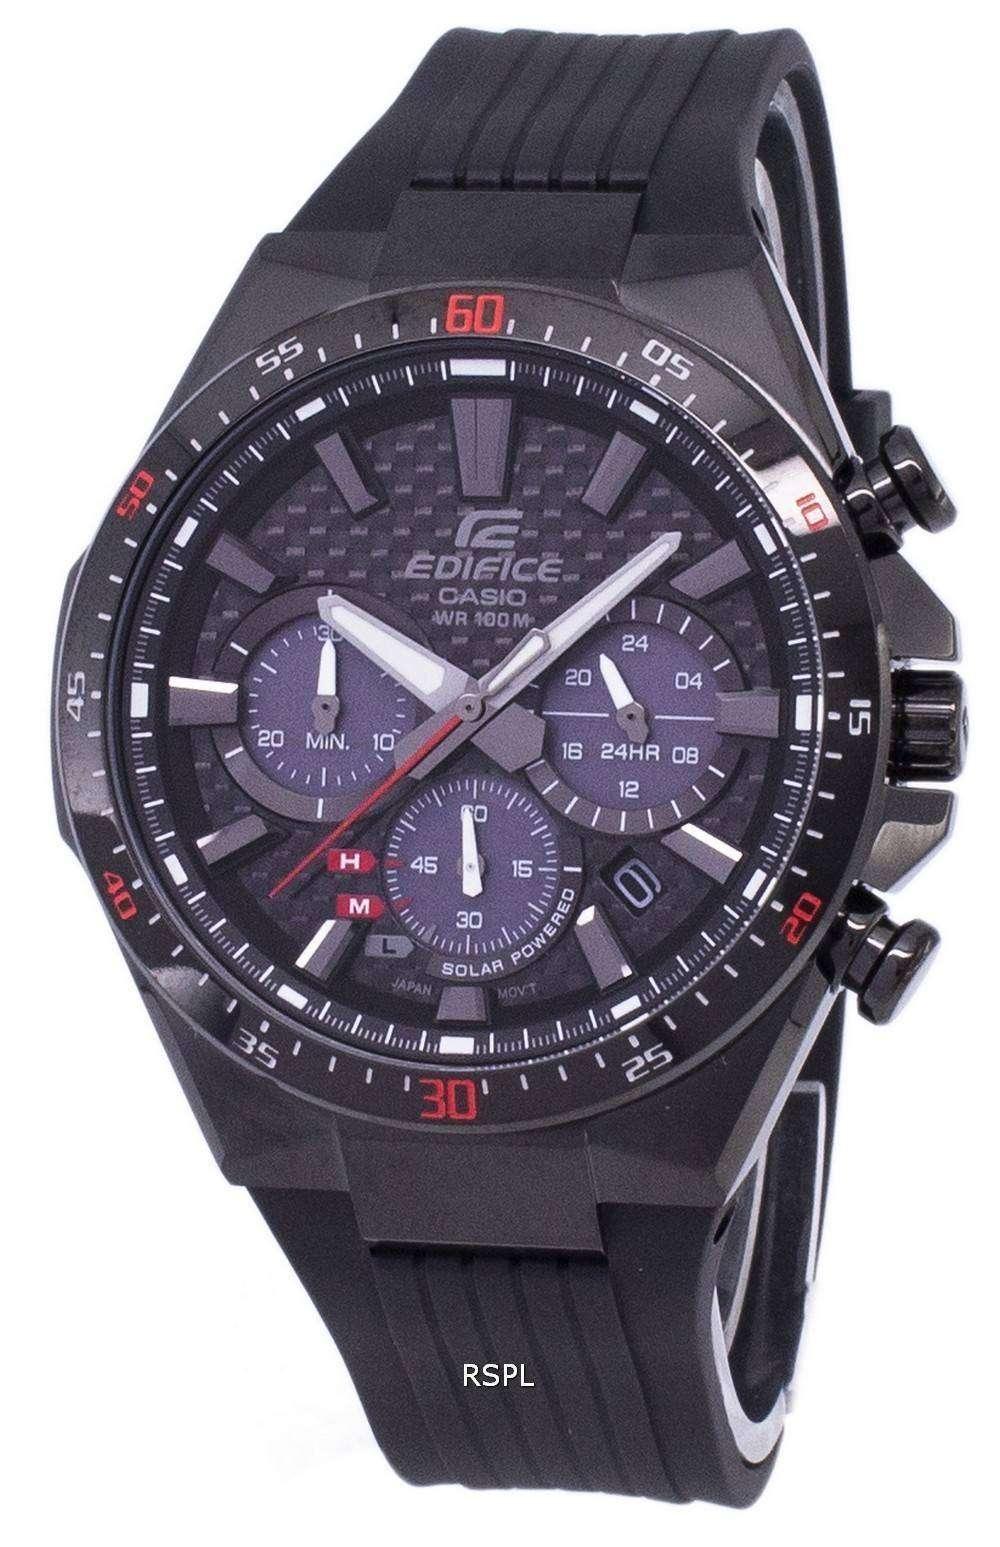 6dc25b2a24e1 Reloj Casio Edifice Solar Cronógrafo EQS-800CPB-1AV EQS800CPB-1AV hombre